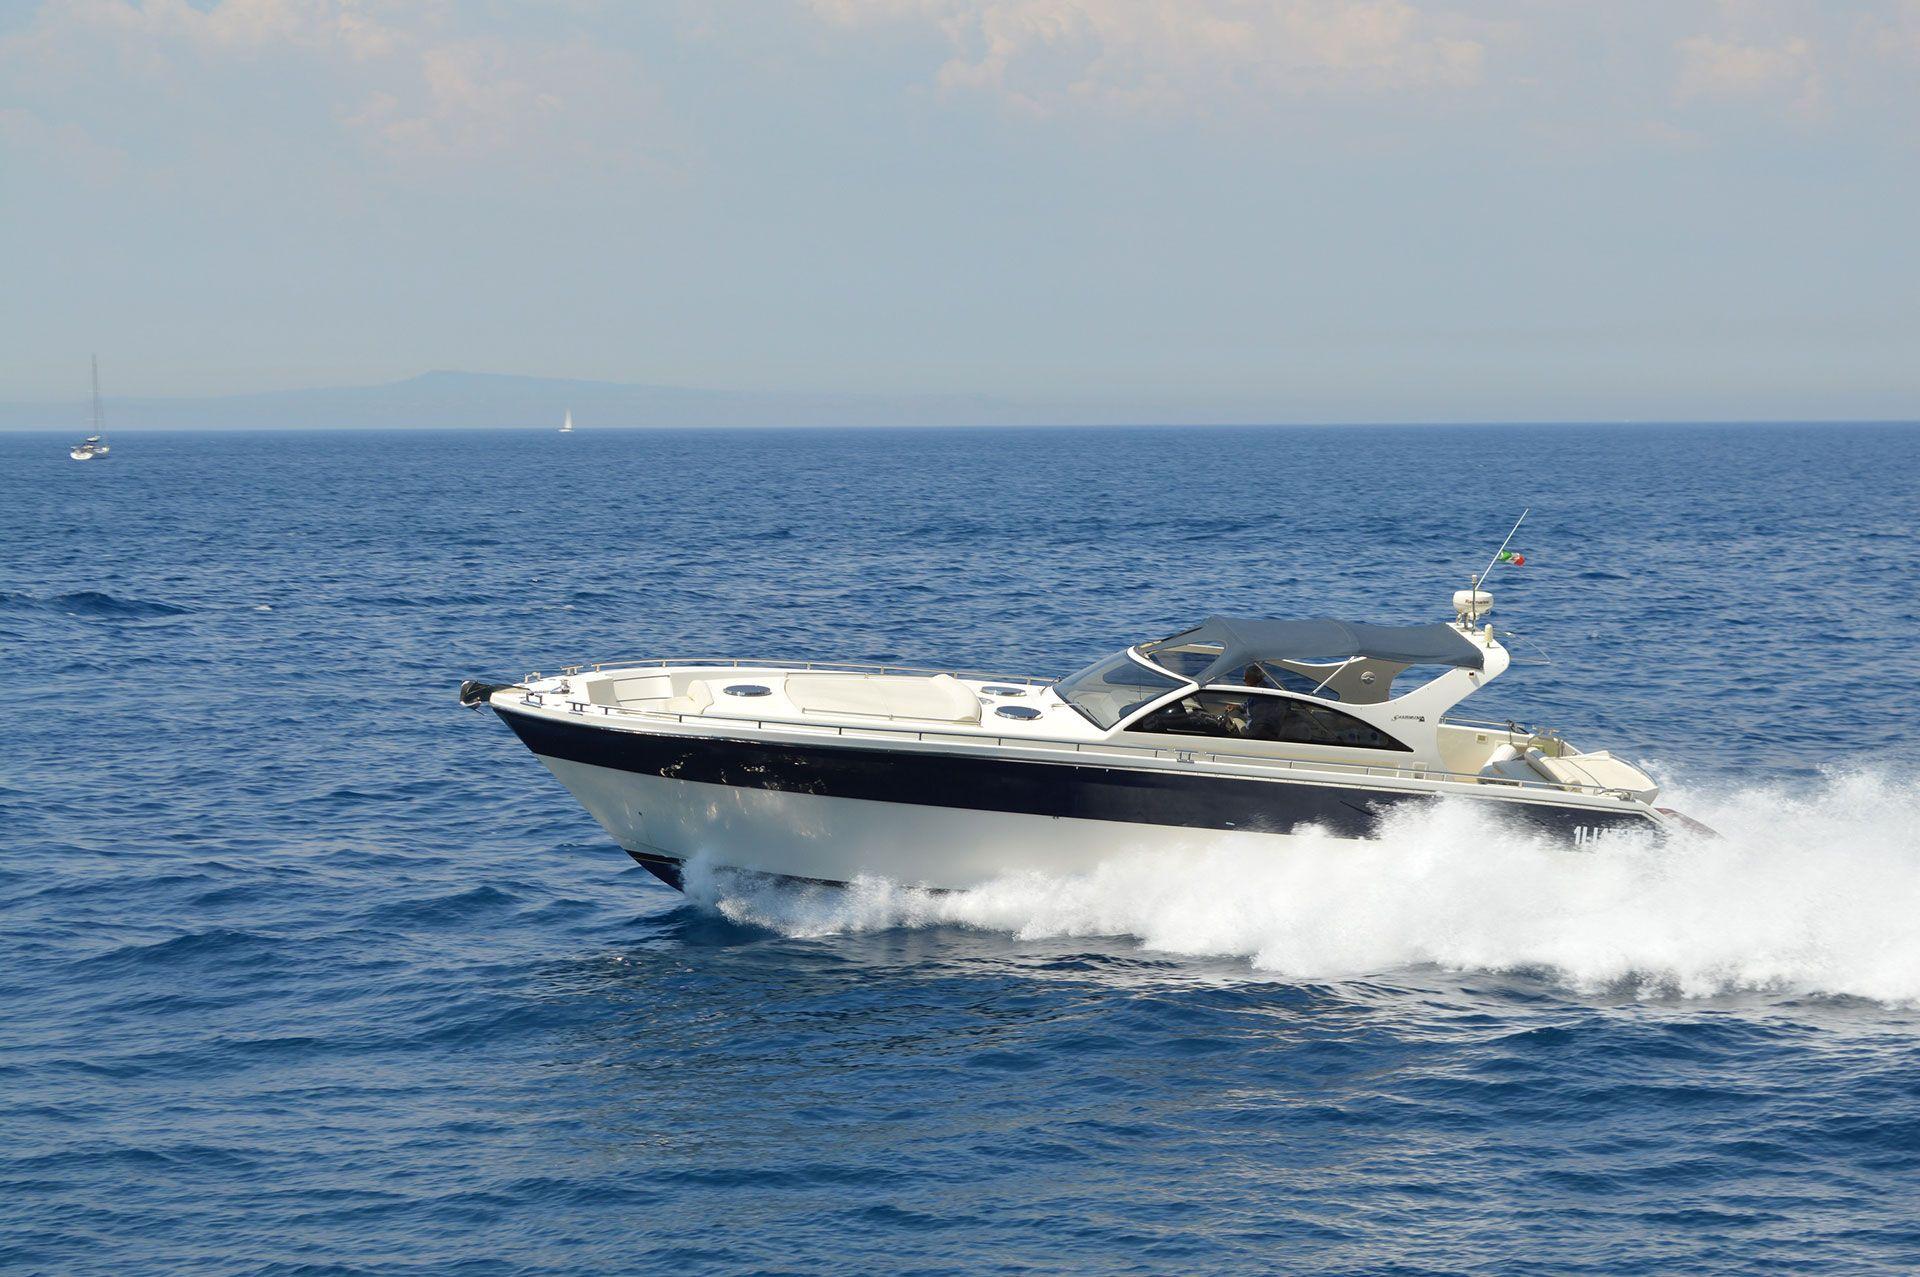 Santorini 48 (2010)